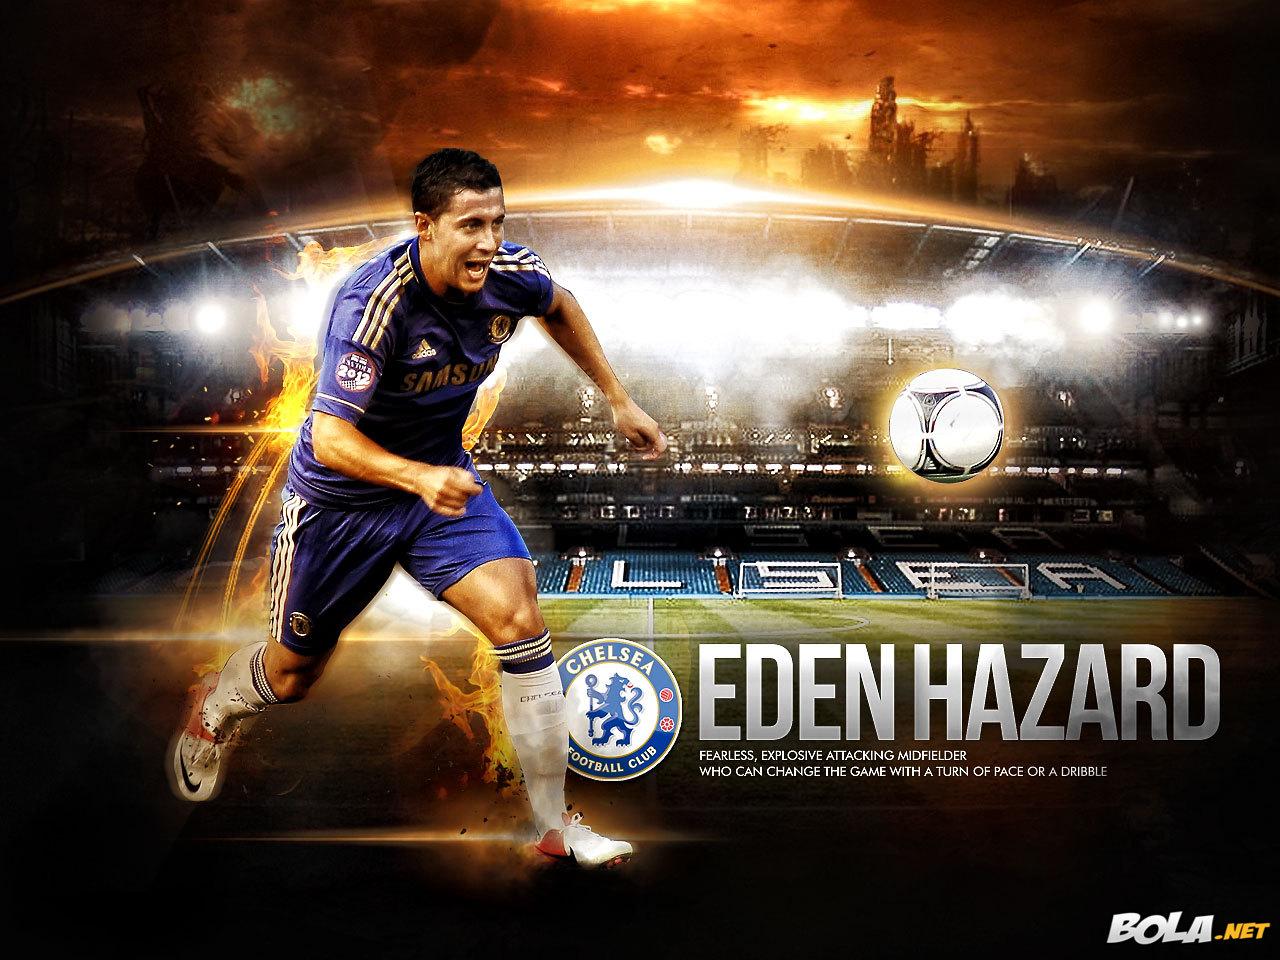 wallpapers hd for mac: Eden Hazard Chelsea Wallpaper HD 2013